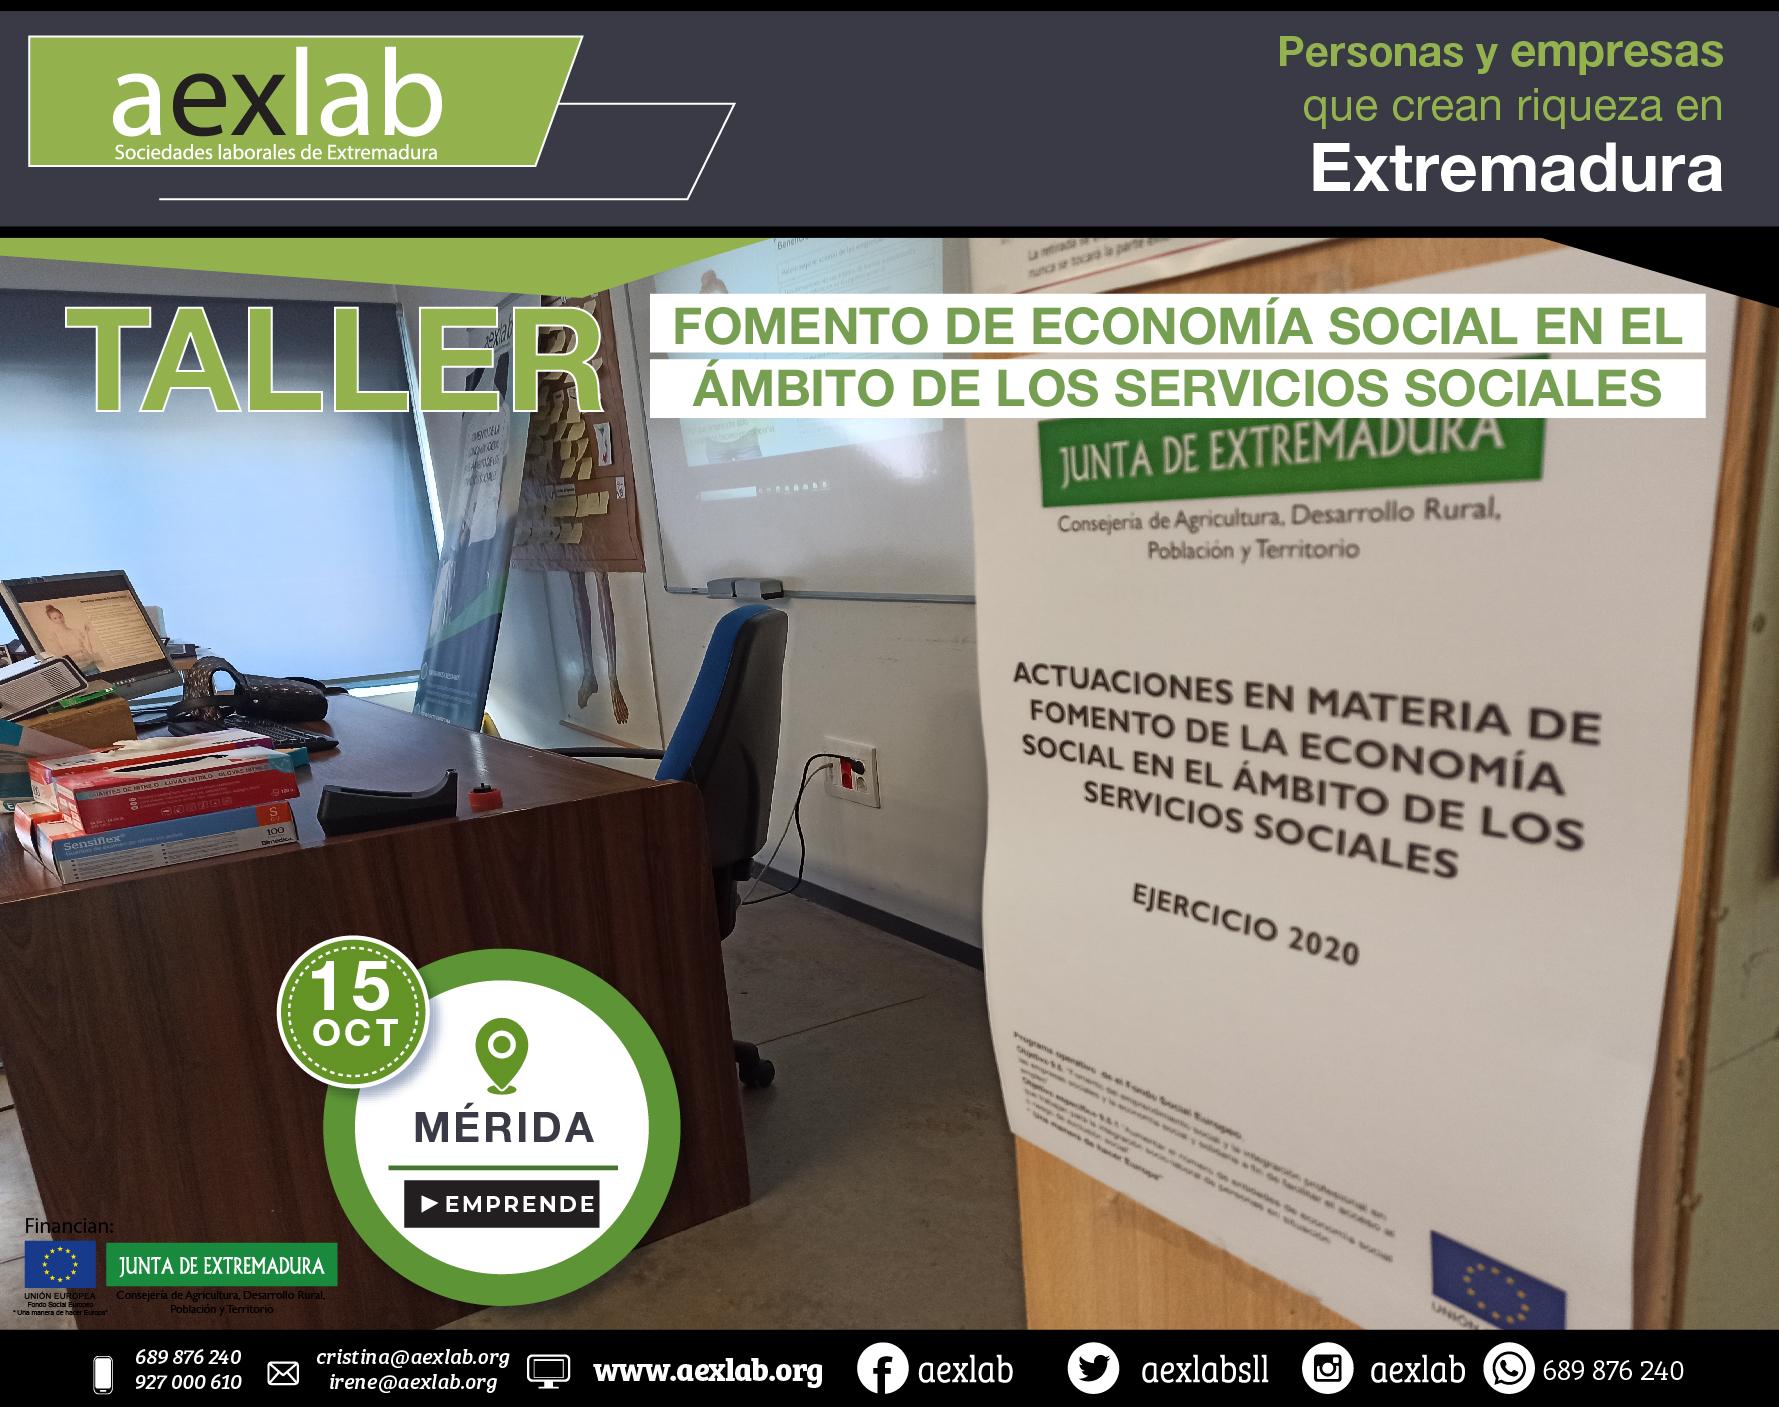 Fotos grupo taller fomento de la economia social ambito social merida aexlab-05